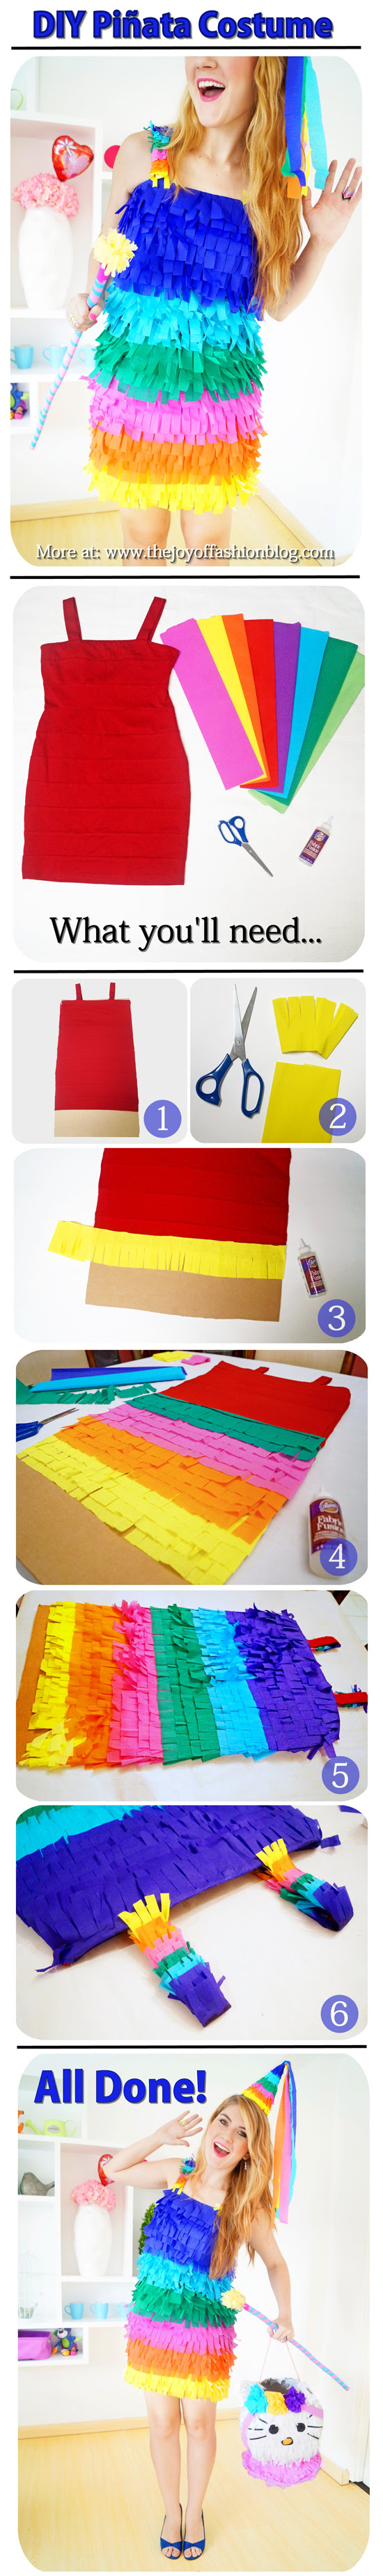 Piñata Costume Tutorial